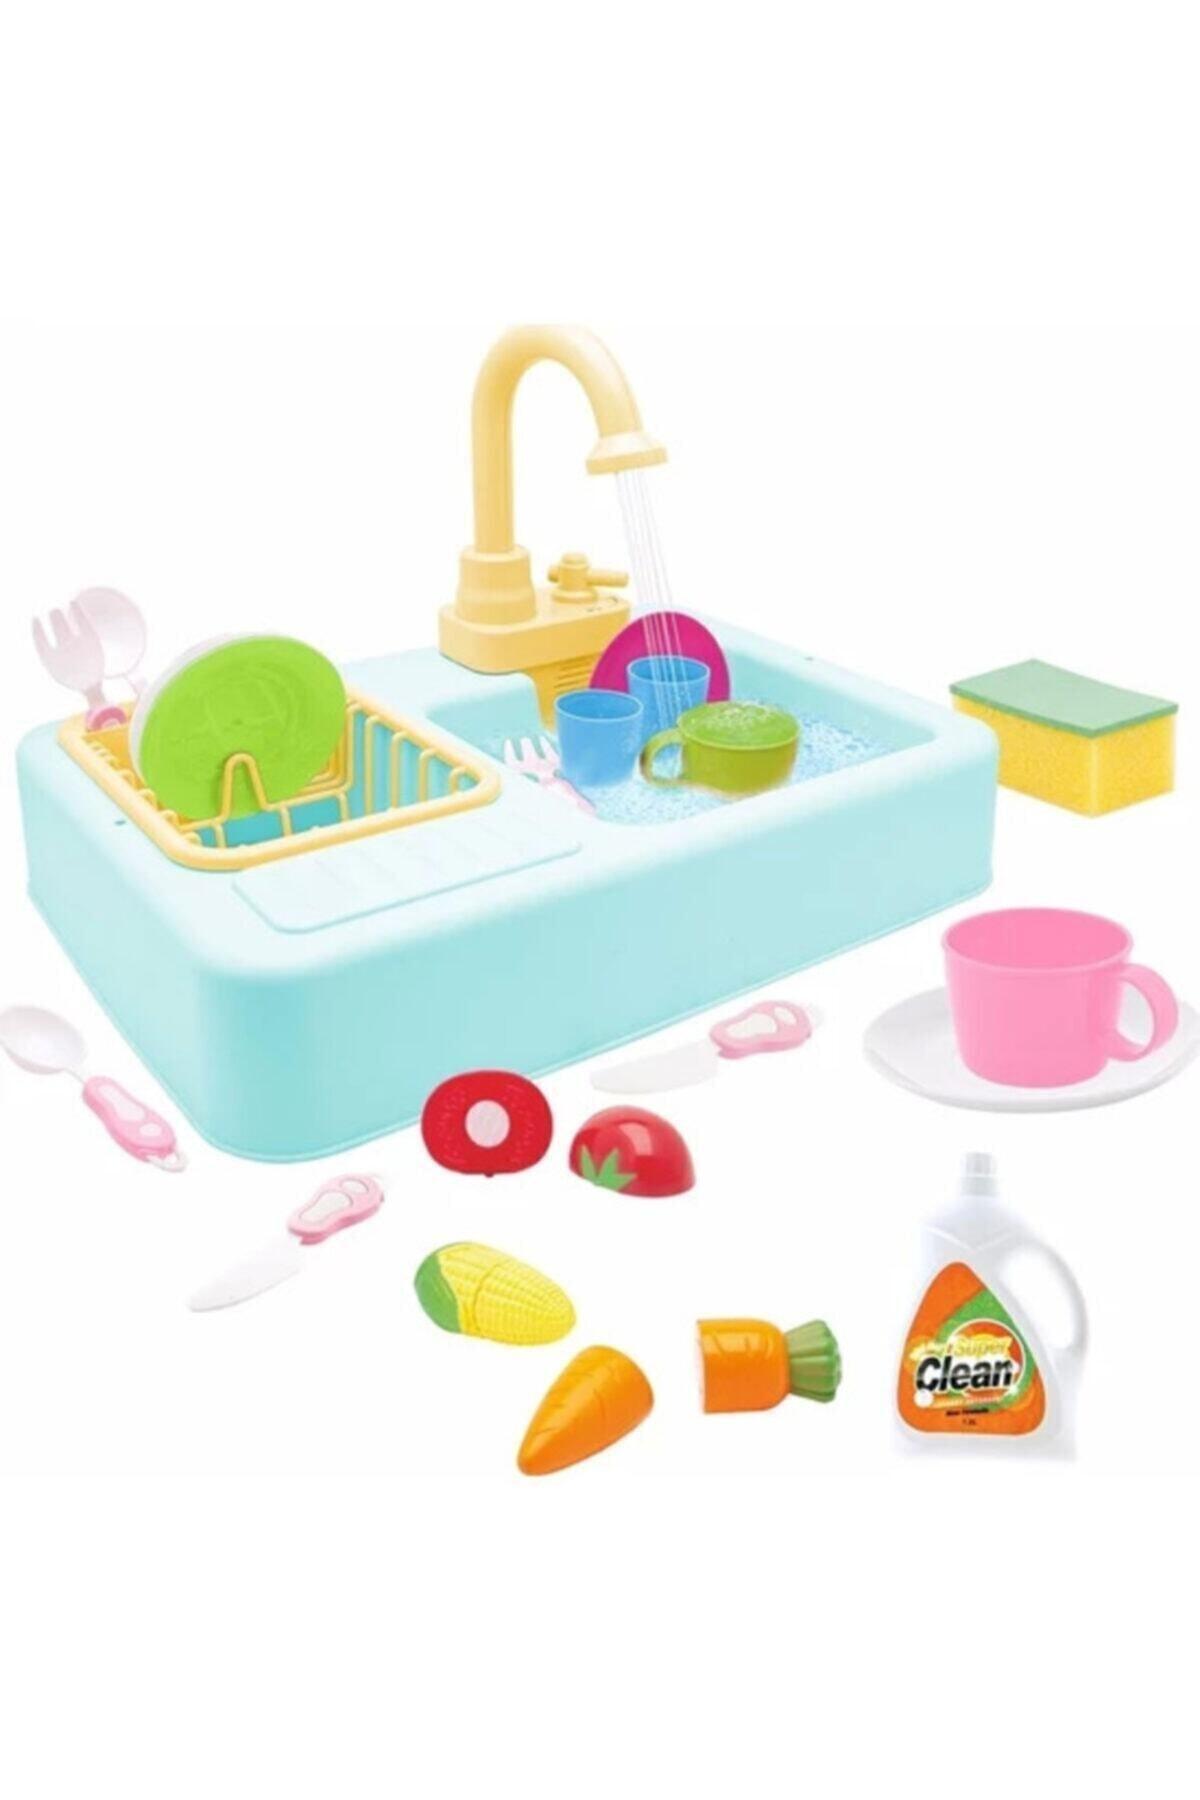 Kayyum Oyuncak Lavabo Seti Pilli Mutfak Oyuncak Modern Çeşmeli Oyuncak Seti 1